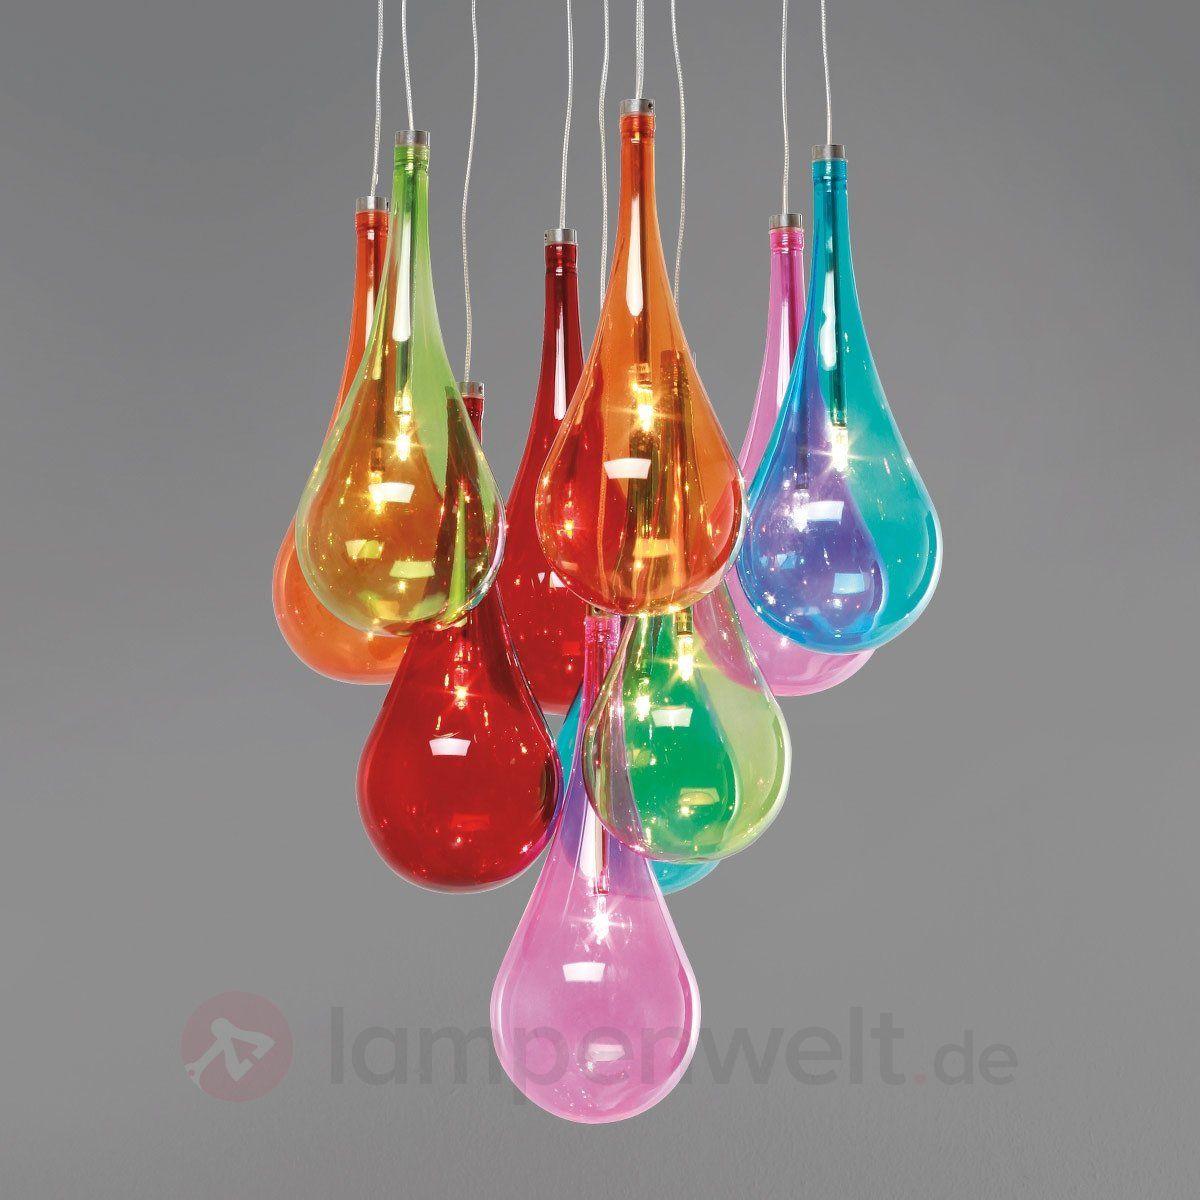 Saloon Flowers 5 Design-Hängeleuchte kaufen | Beleuchtung